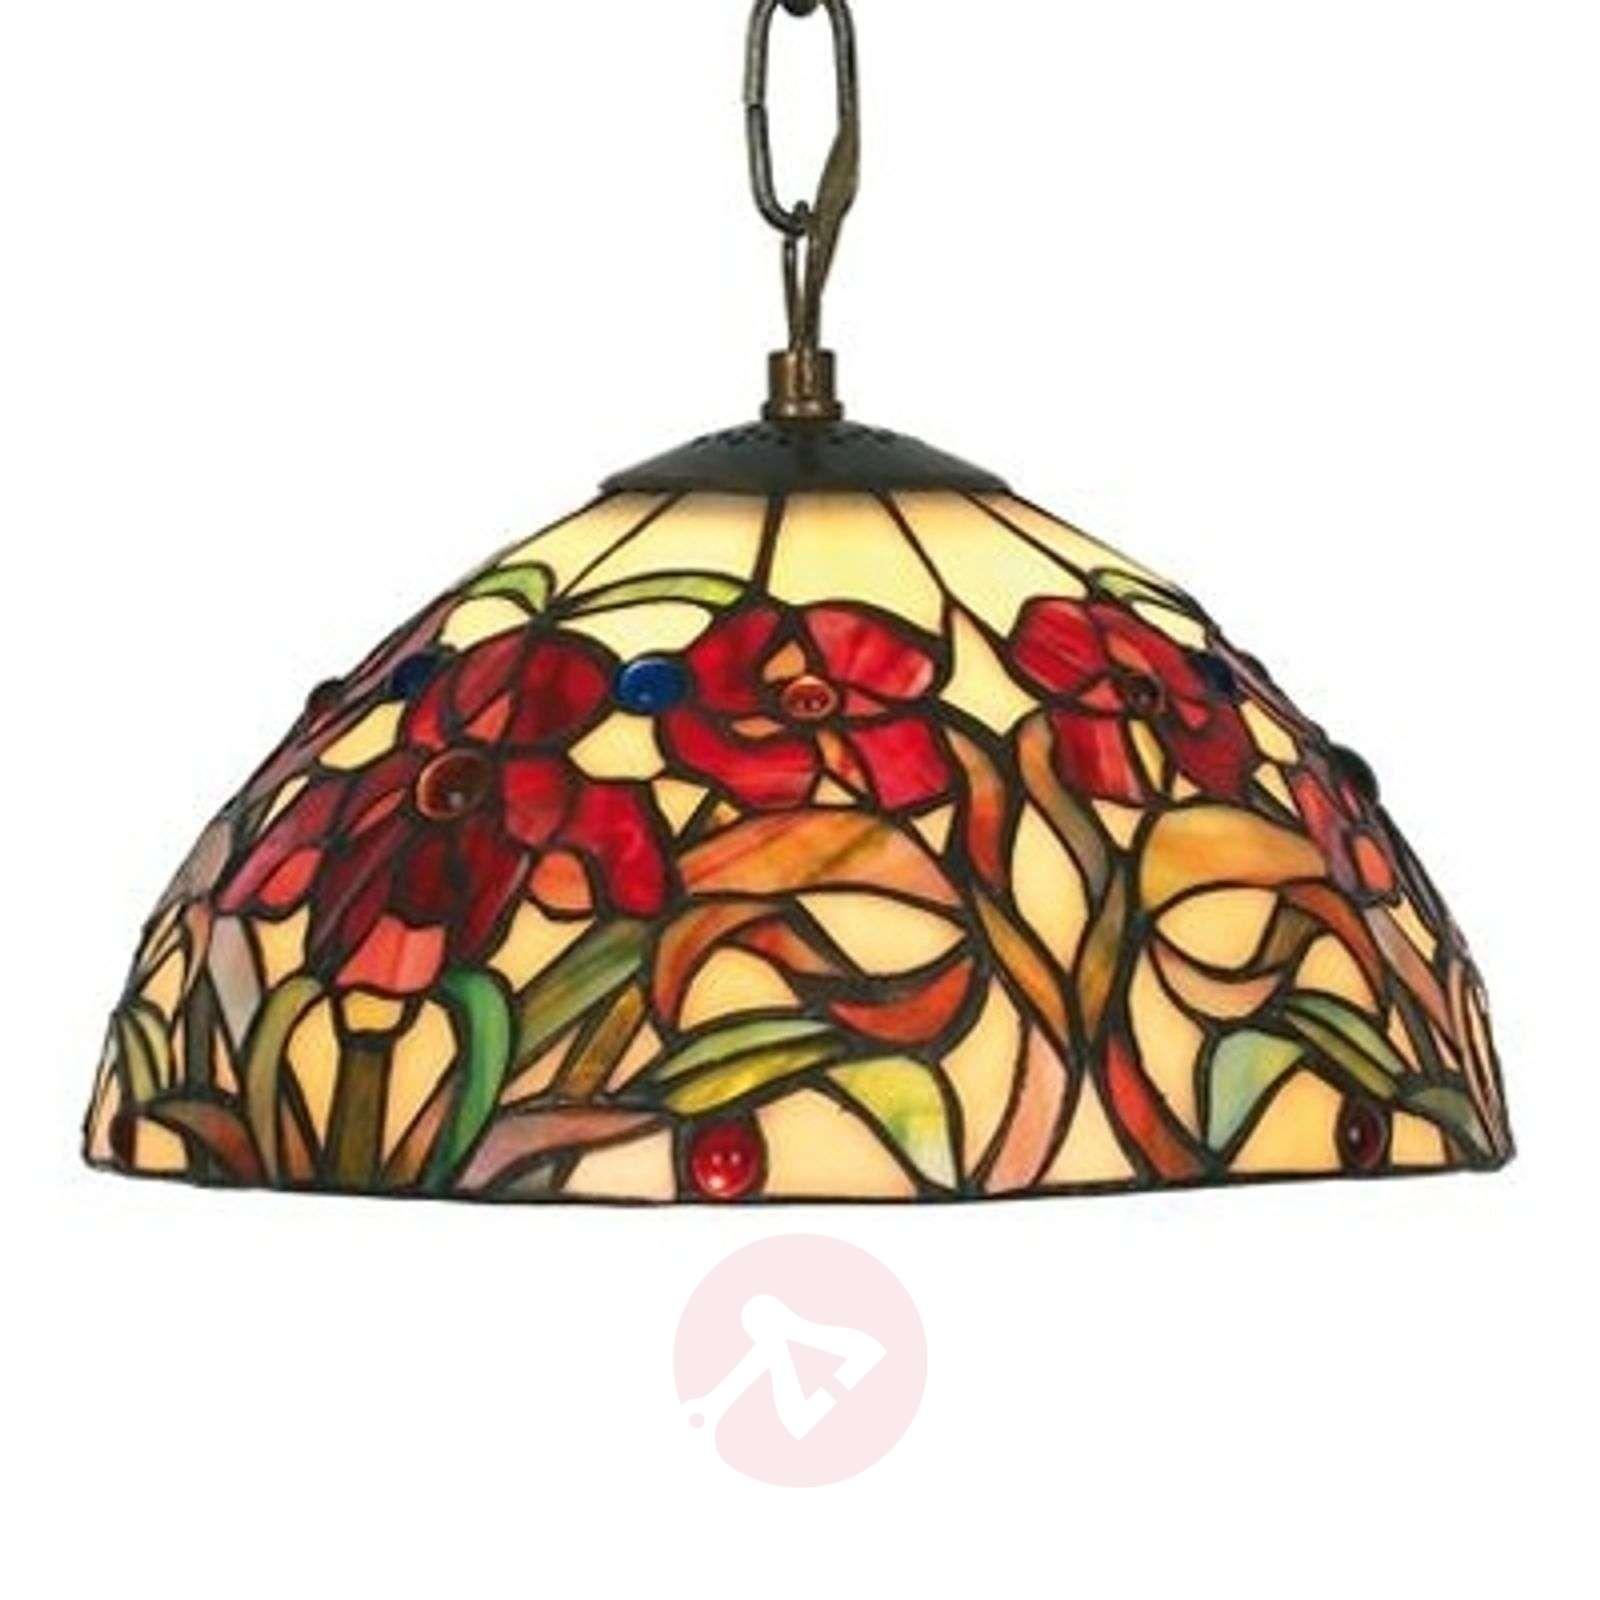 Pieni Tiffany-tyylinen Eline-riippuvalaisin-1032168-01